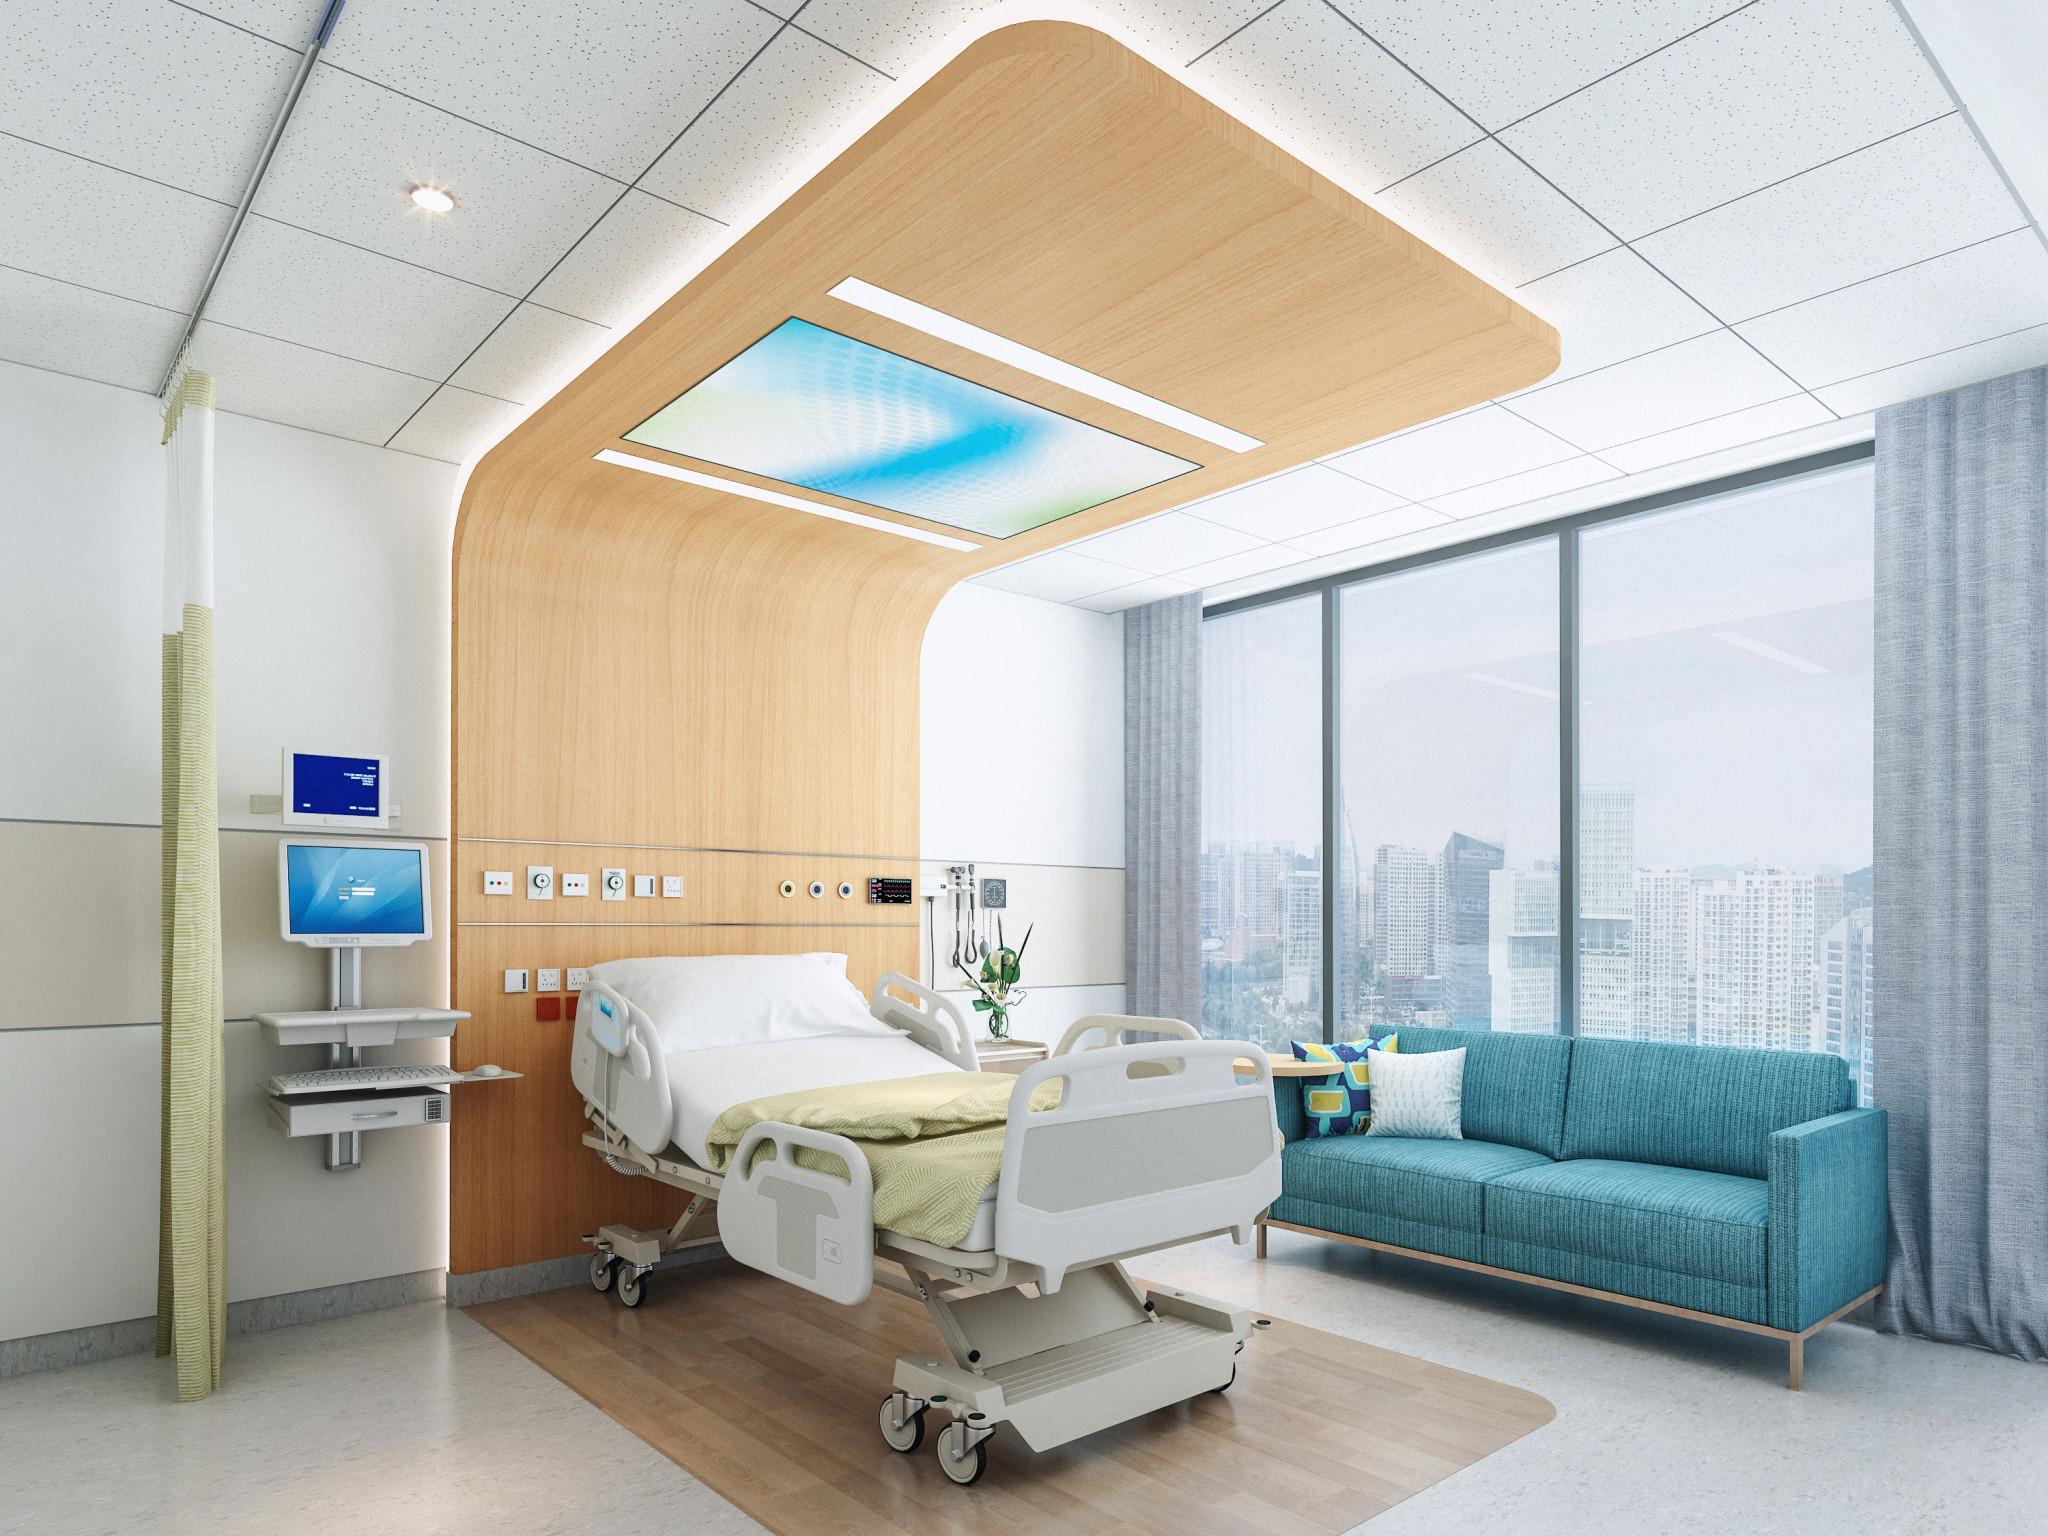 一人间病房